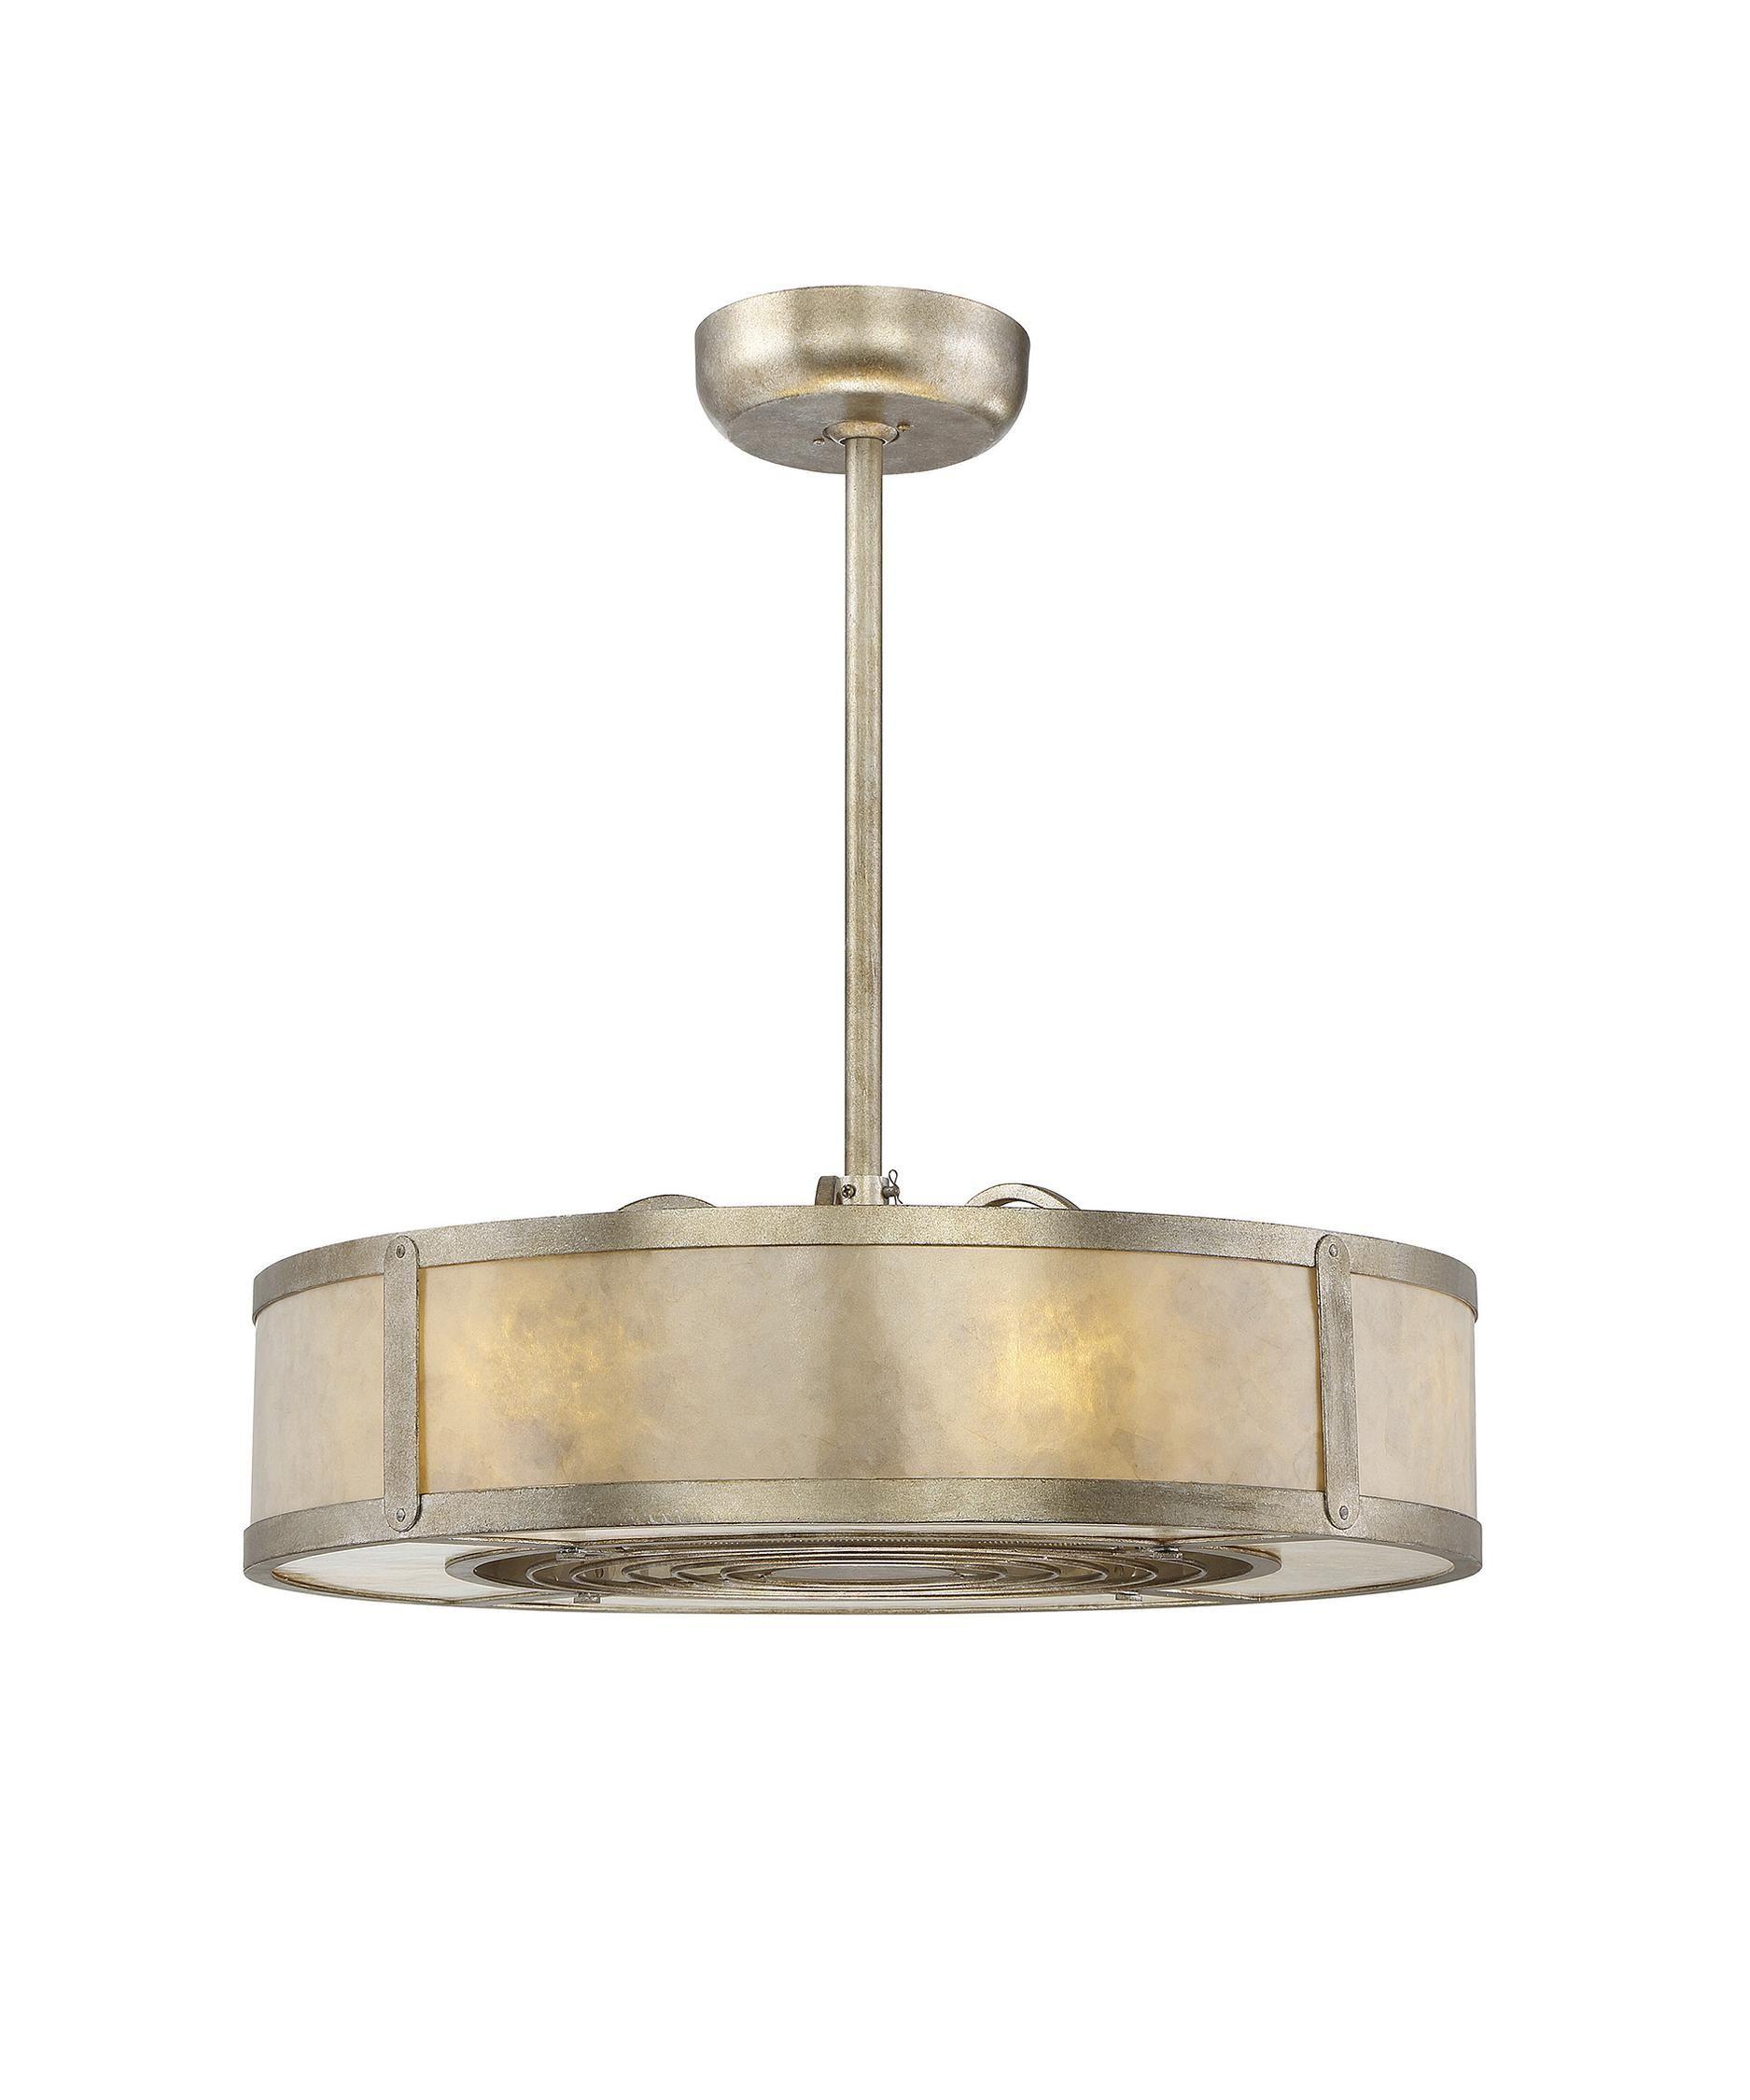 Ceiling fan chandelier Shown in Silver Dust finish Cream Mica